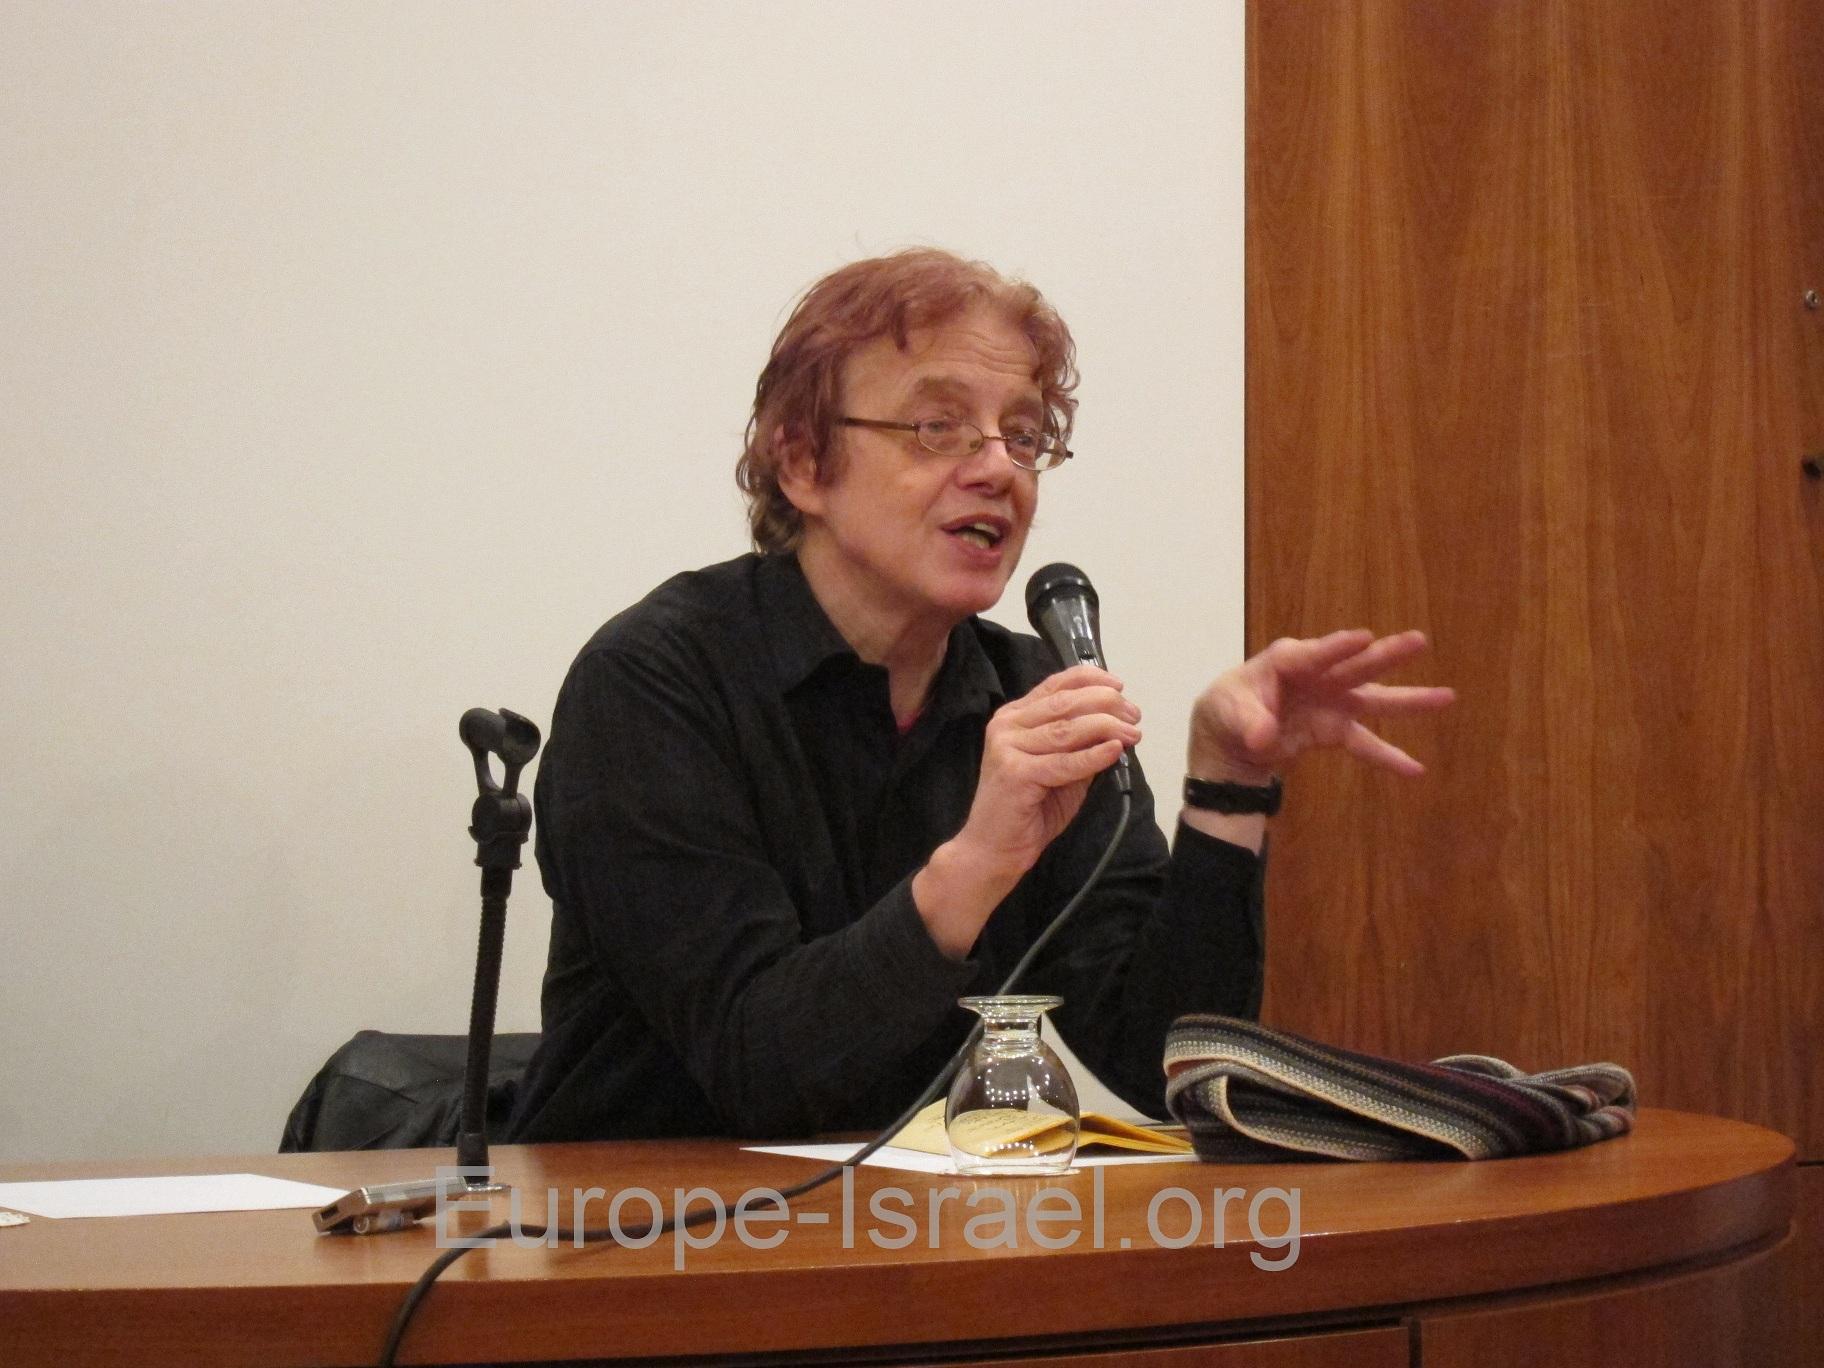 Vidéo de la conférence de Guy Millière : «Israël face à l'hiver islamique et aux élections américaines de 2012»